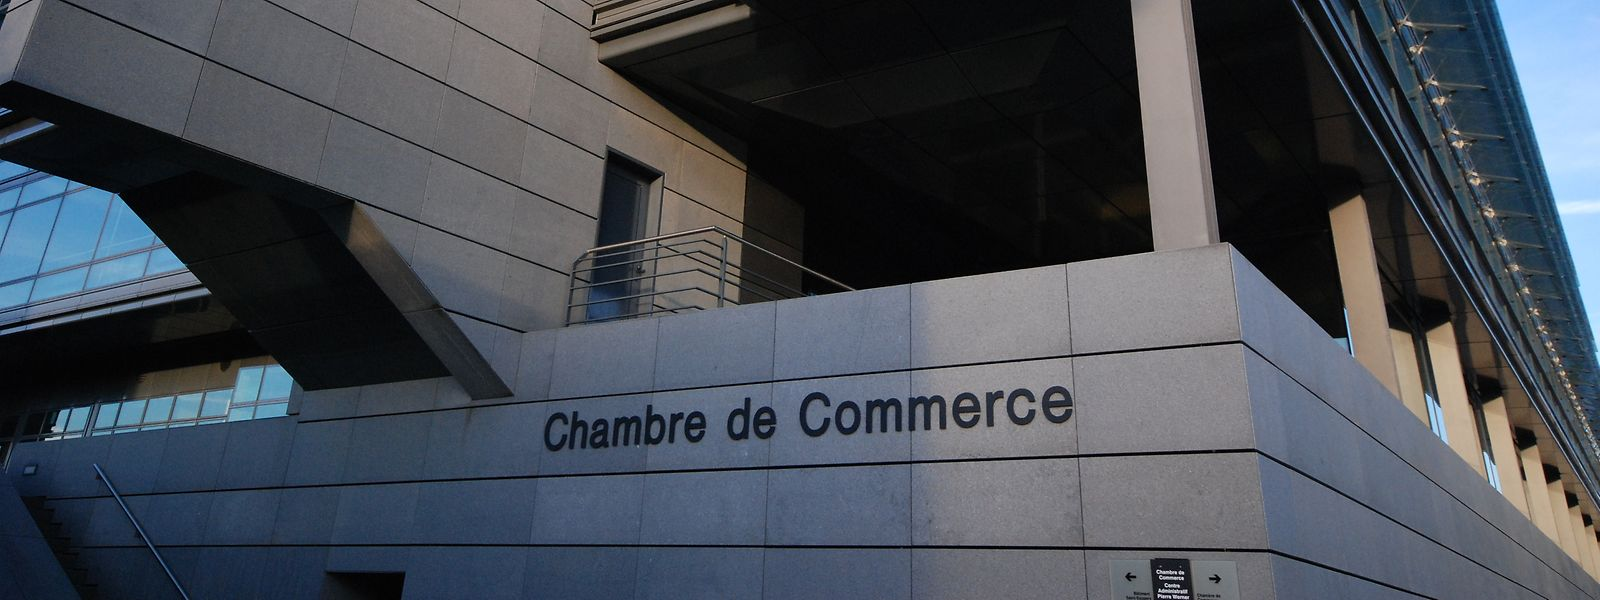 Le patron de la Chambre de commerce appelle le gouvernement à freiner certaines dépenses pour éviter la surchauffe de l'économie.